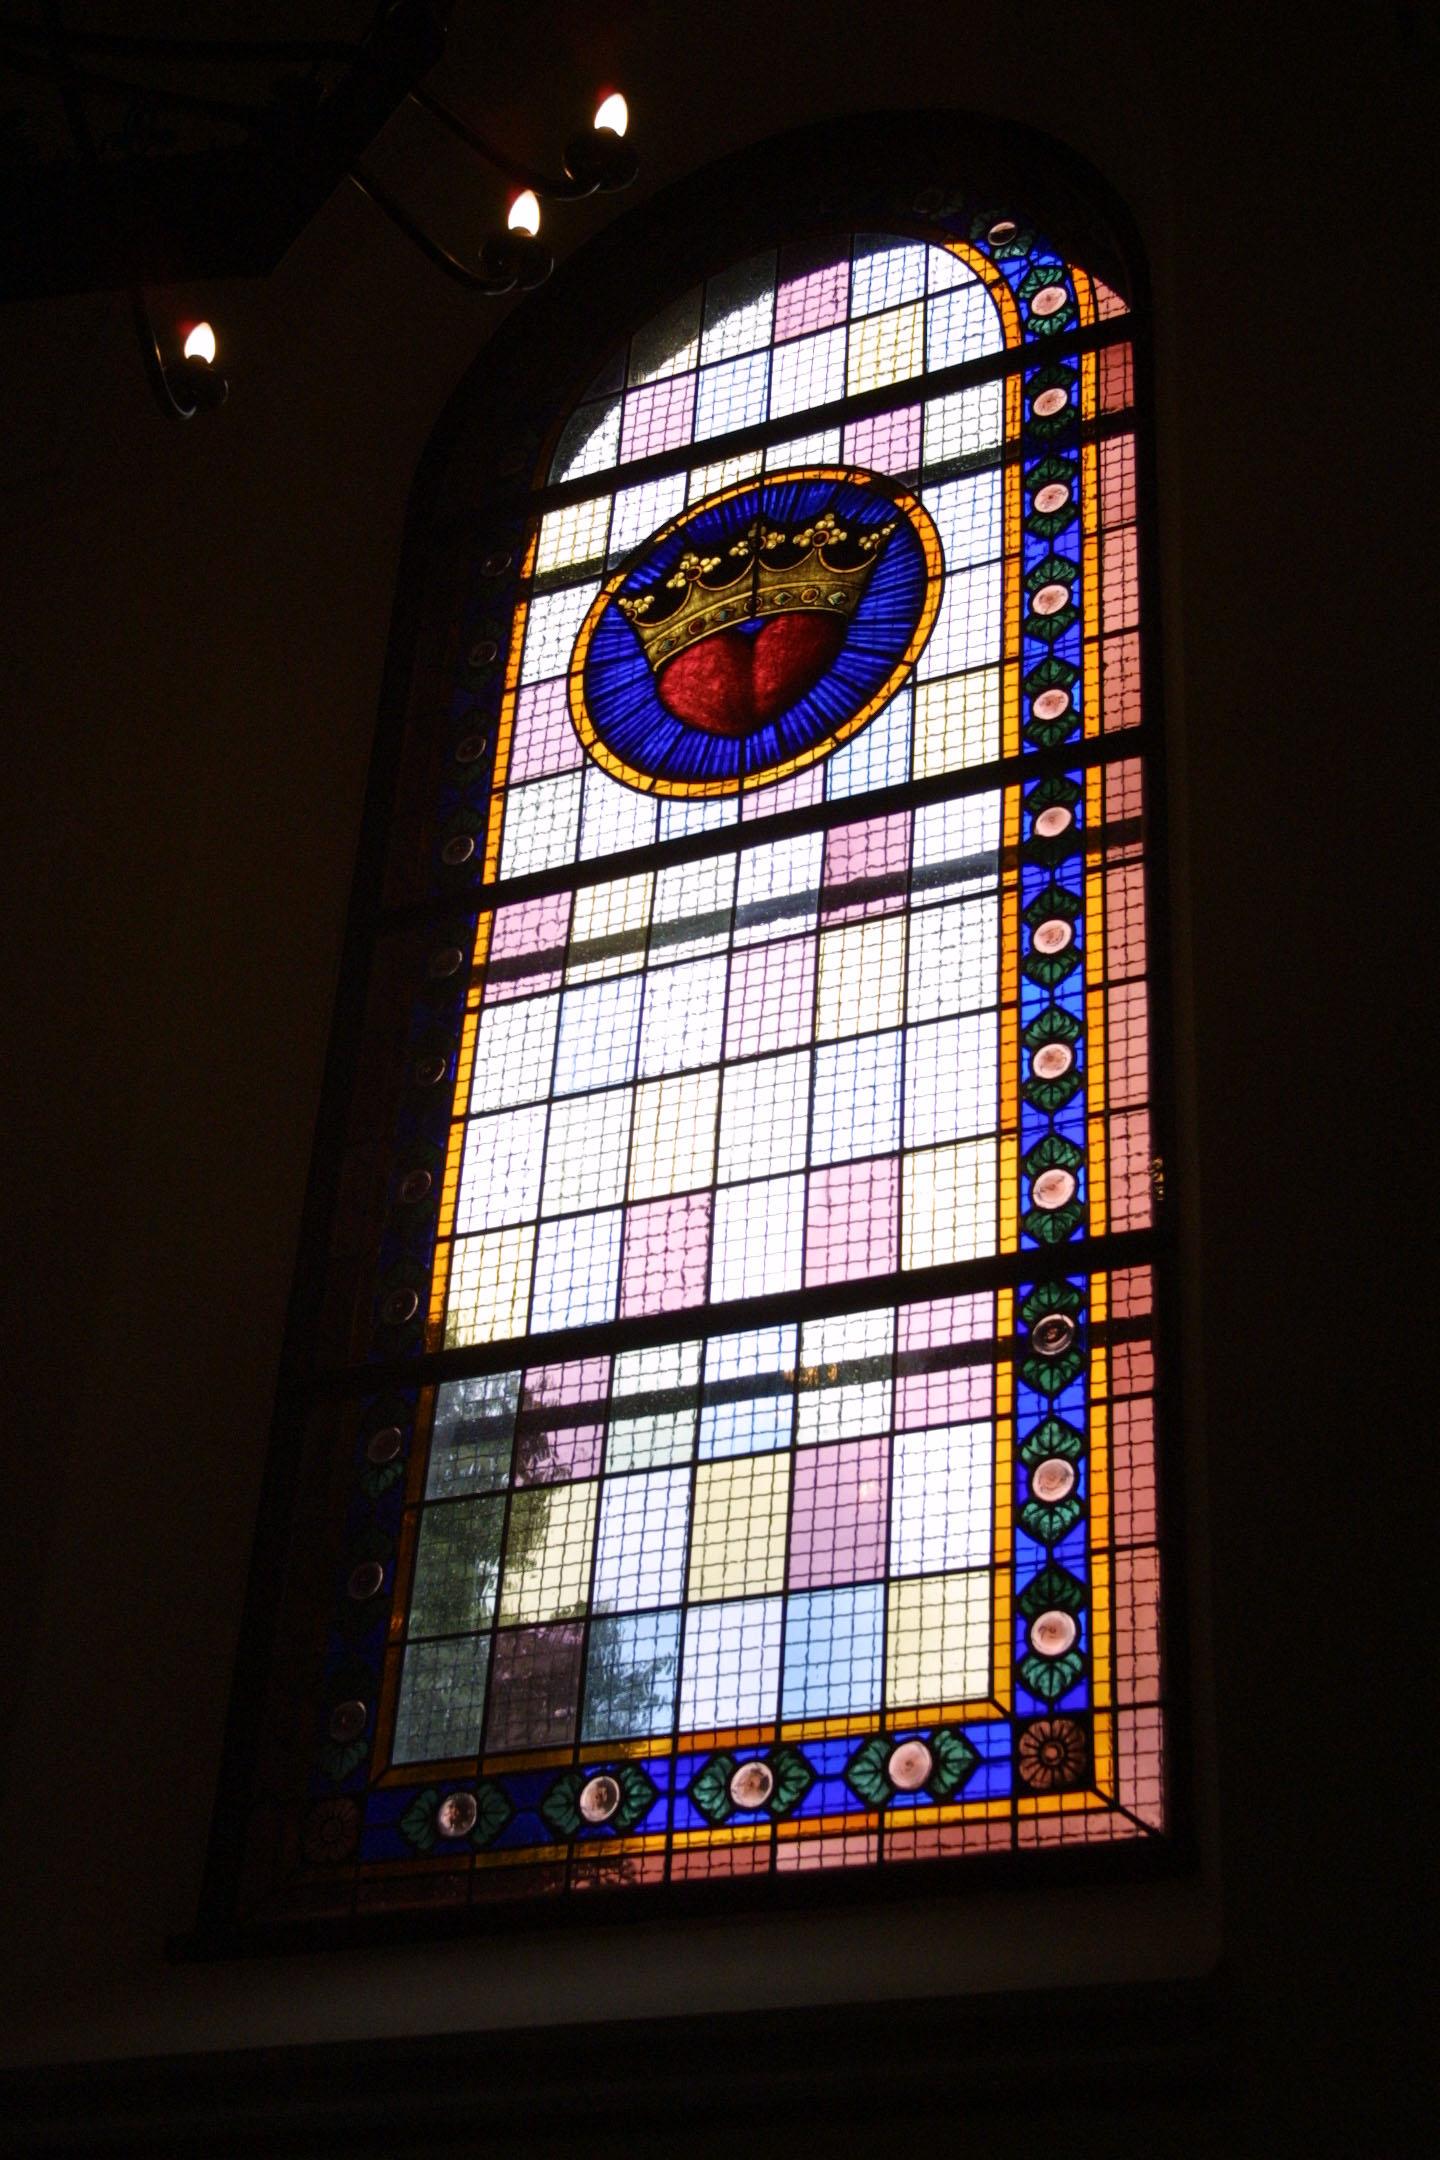 Kirchenfenster der St. Marien am Behnitz, Bleiverglasung und Glasmalerei individuell gefertigt Motiv Herz